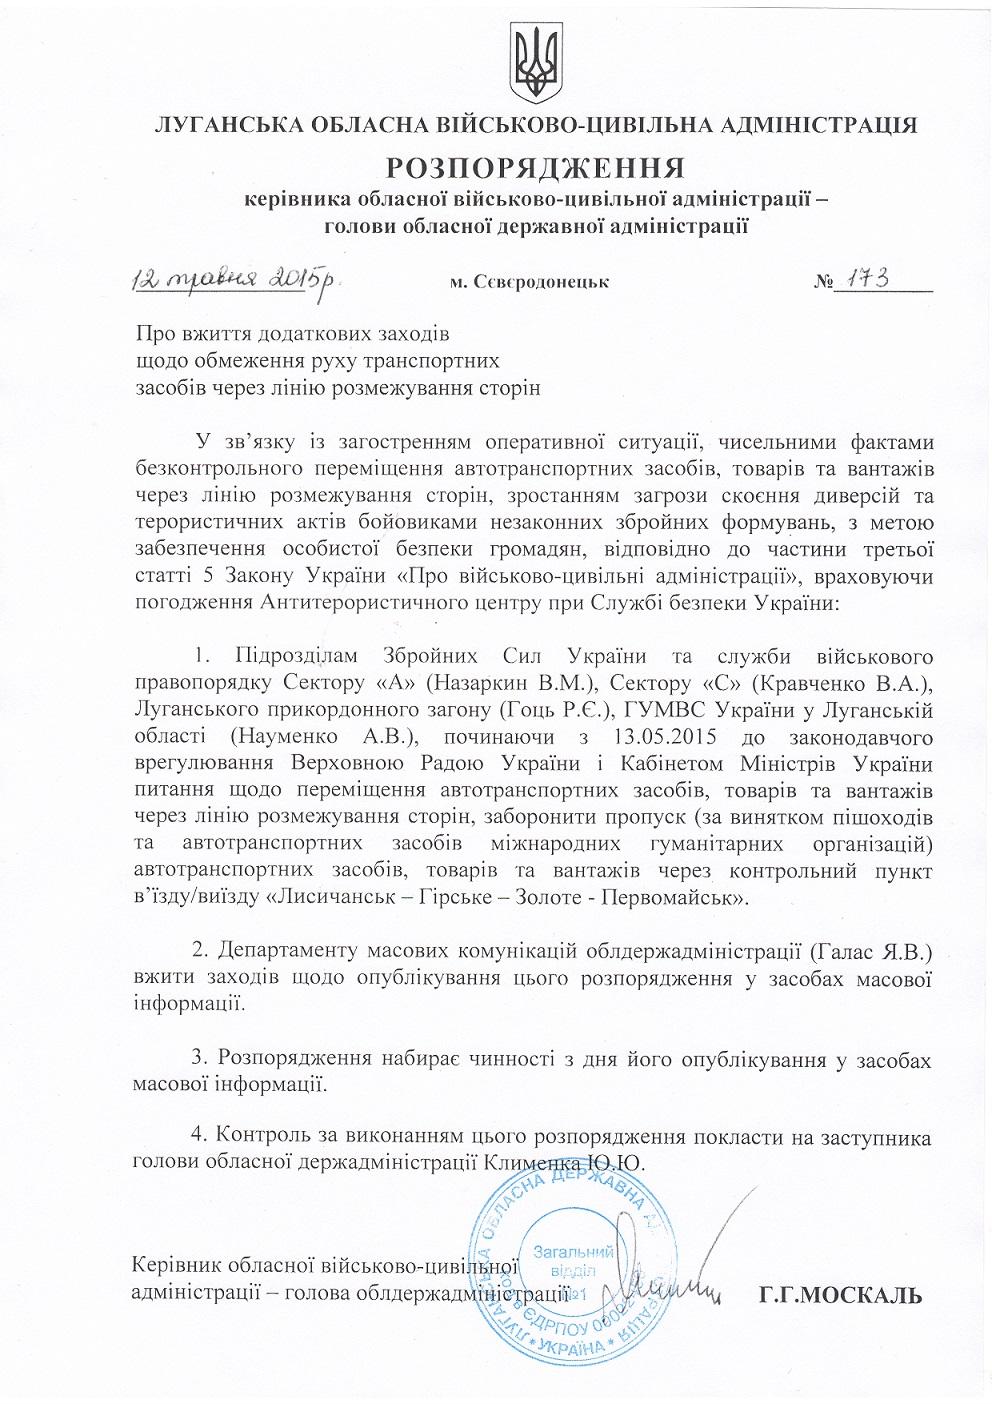 Распоряжения Москаля о запрете всех видов транспорта вступившее в силу 13-го мая 2015